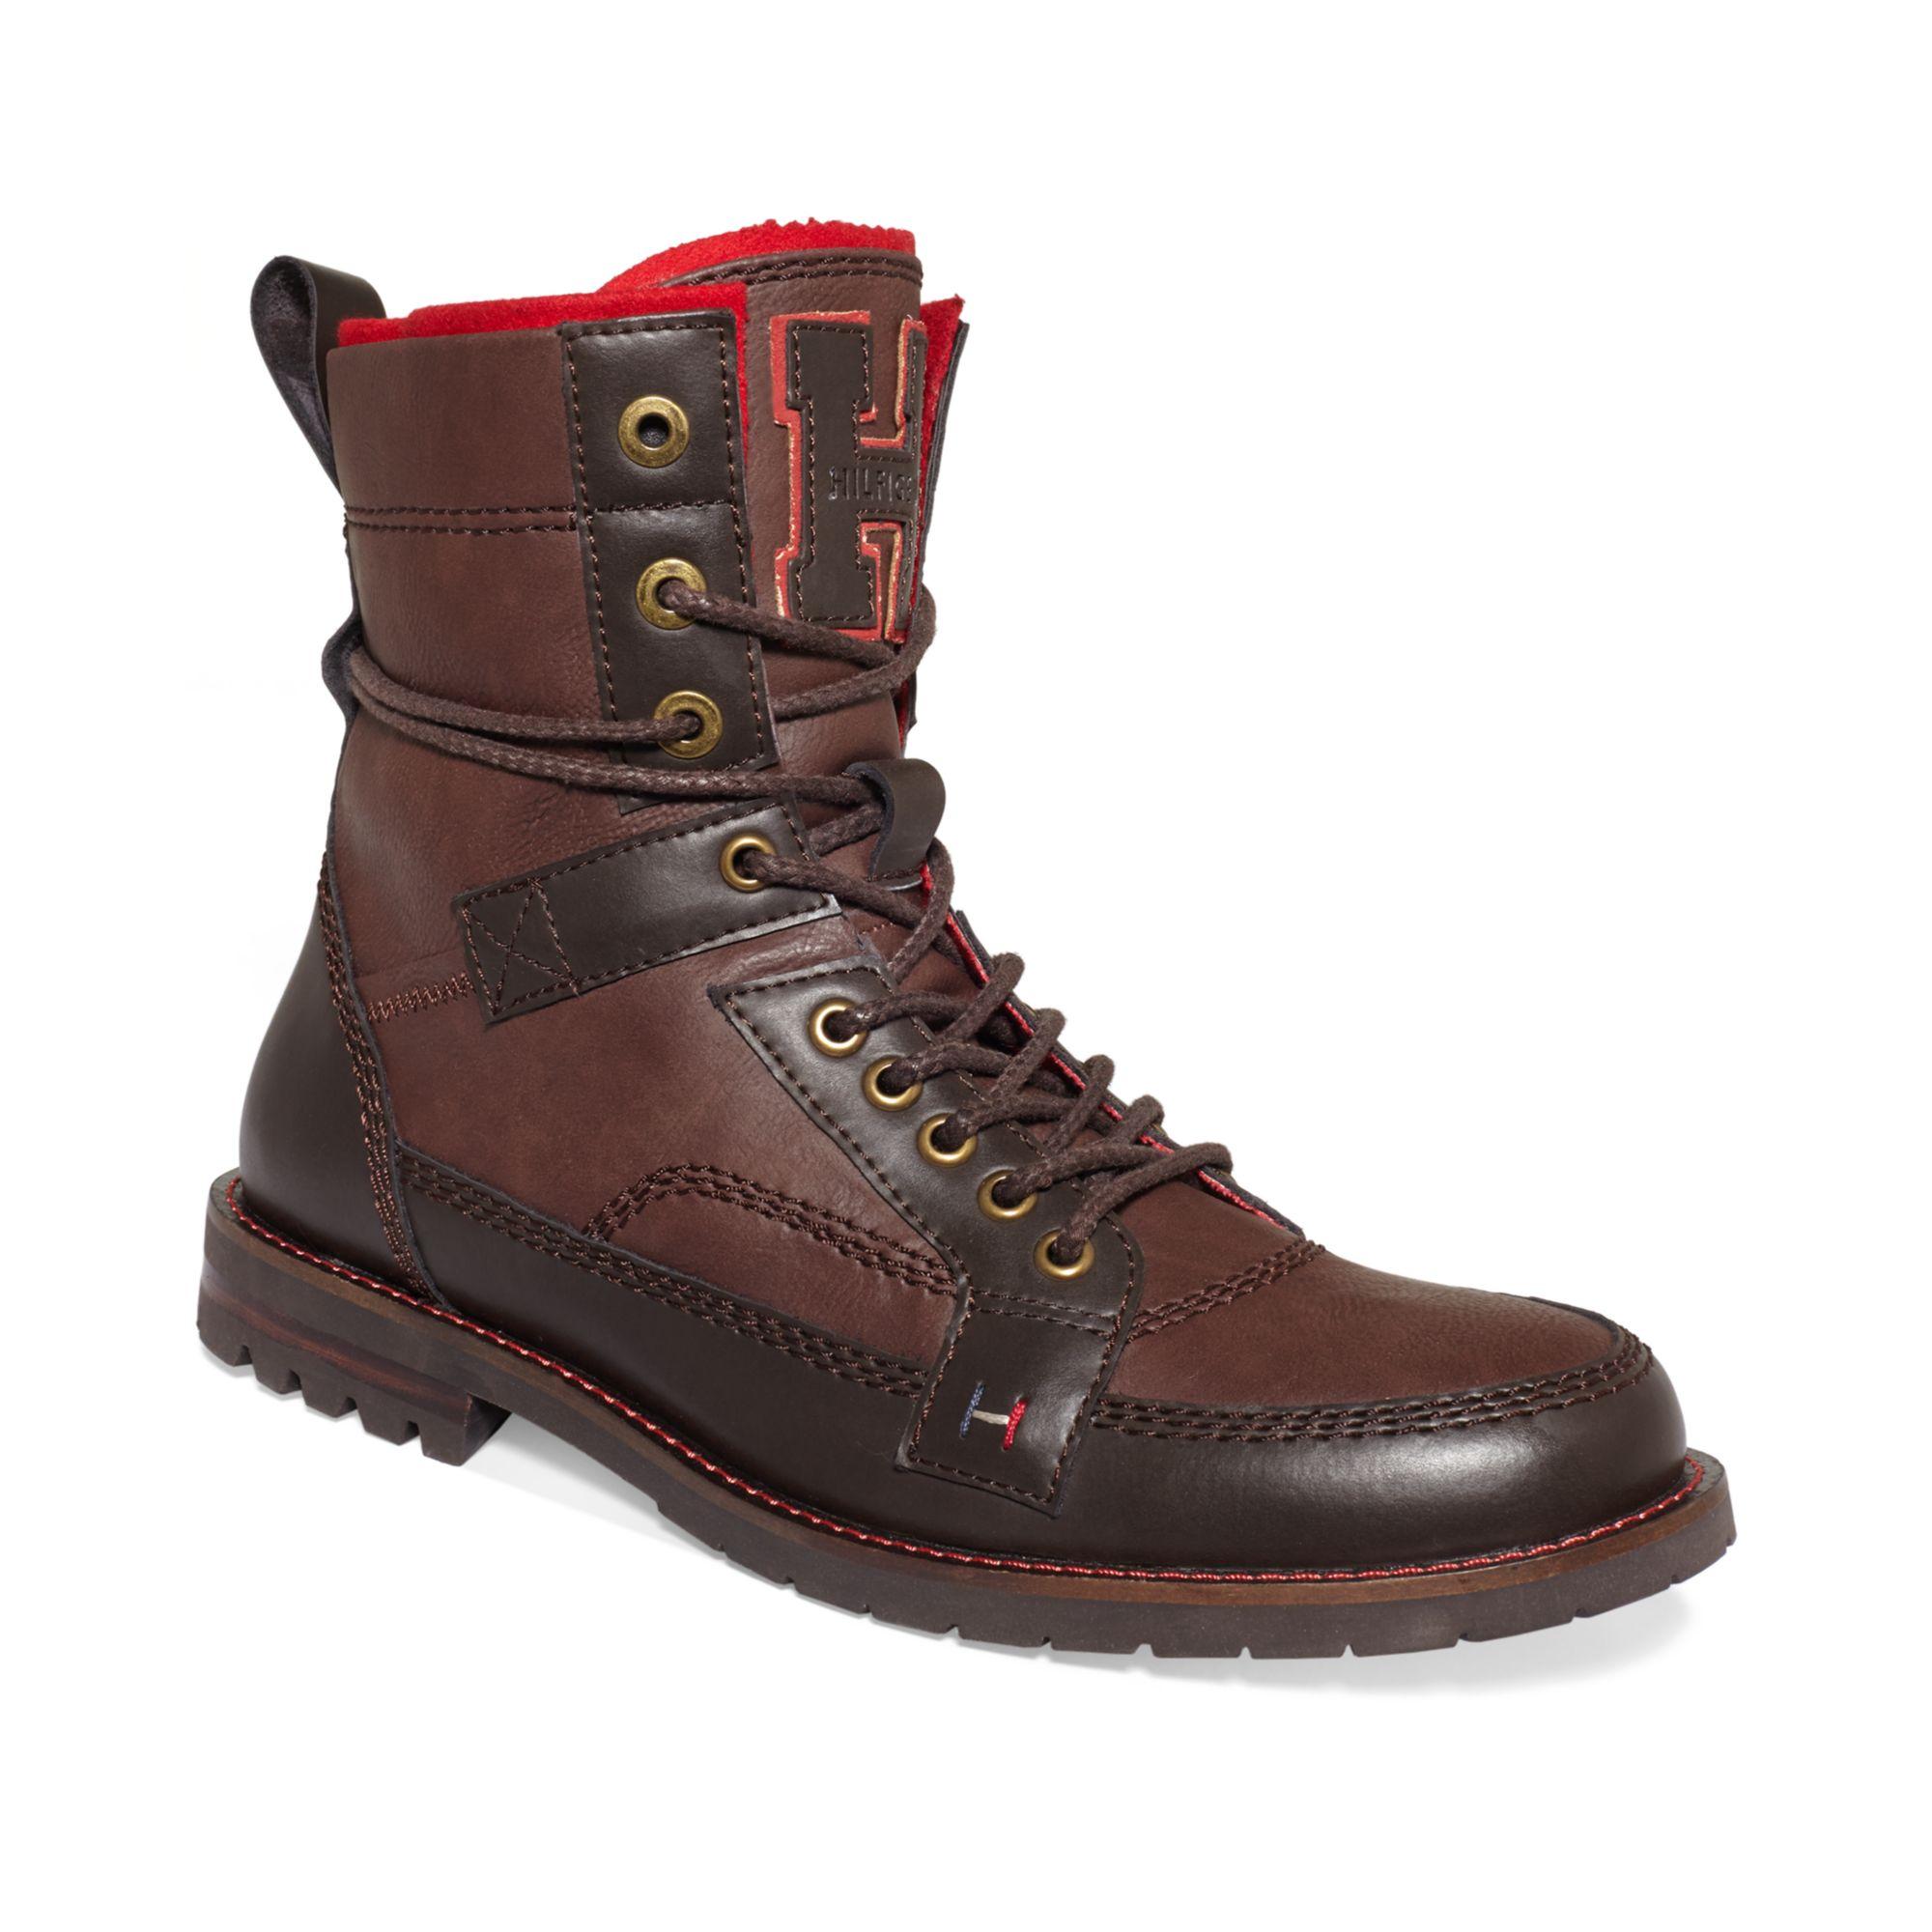 tommy hilfiger brutus boots in brown for men lyst. Black Bedroom Furniture Sets. Home Design Ideas